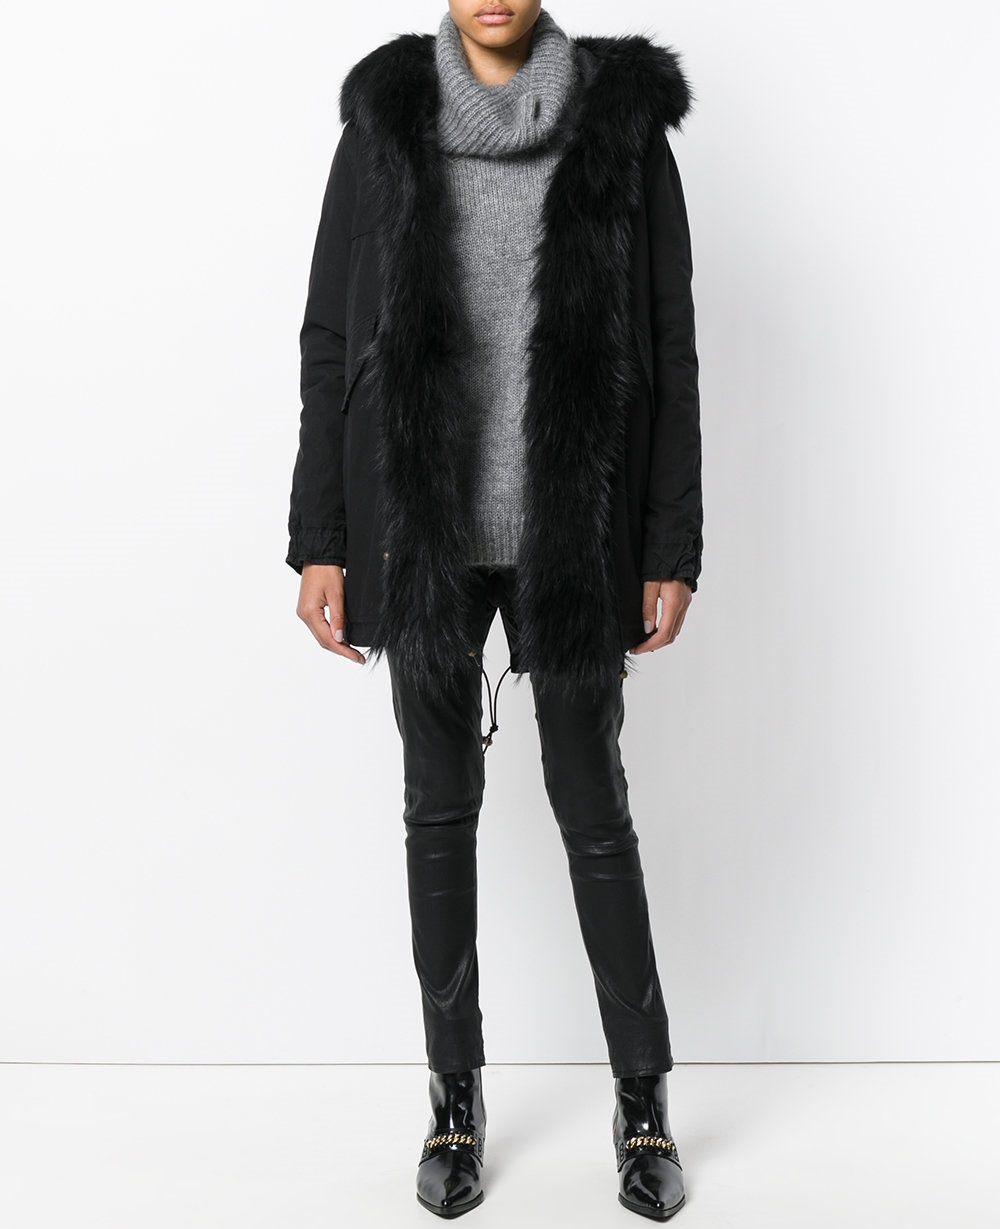 Модные женские платья сезона Зима-2019 новые фото